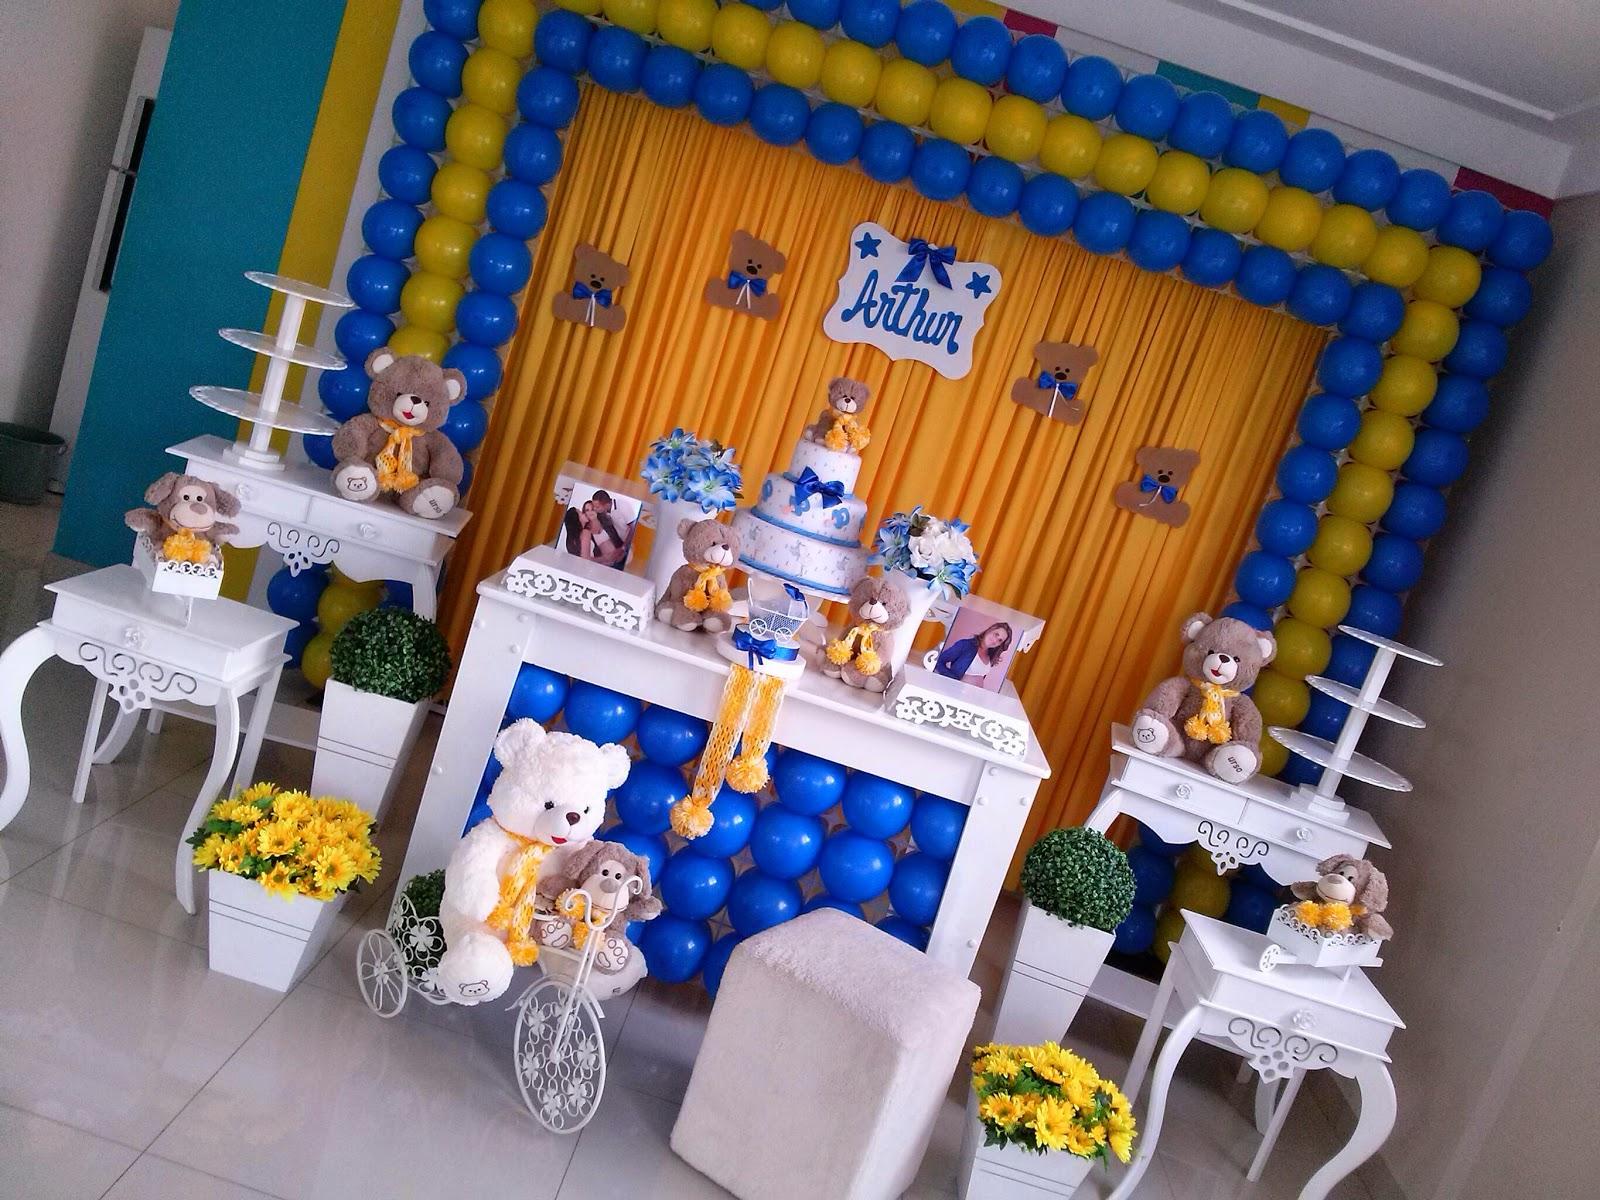 decoracao festa infantil azul e amarelo : decoracao festa infantil azul e amarelo:CIFESTA DECORAÇÕES(011)4778-2746 : Chá de bebê azul c/amarelo